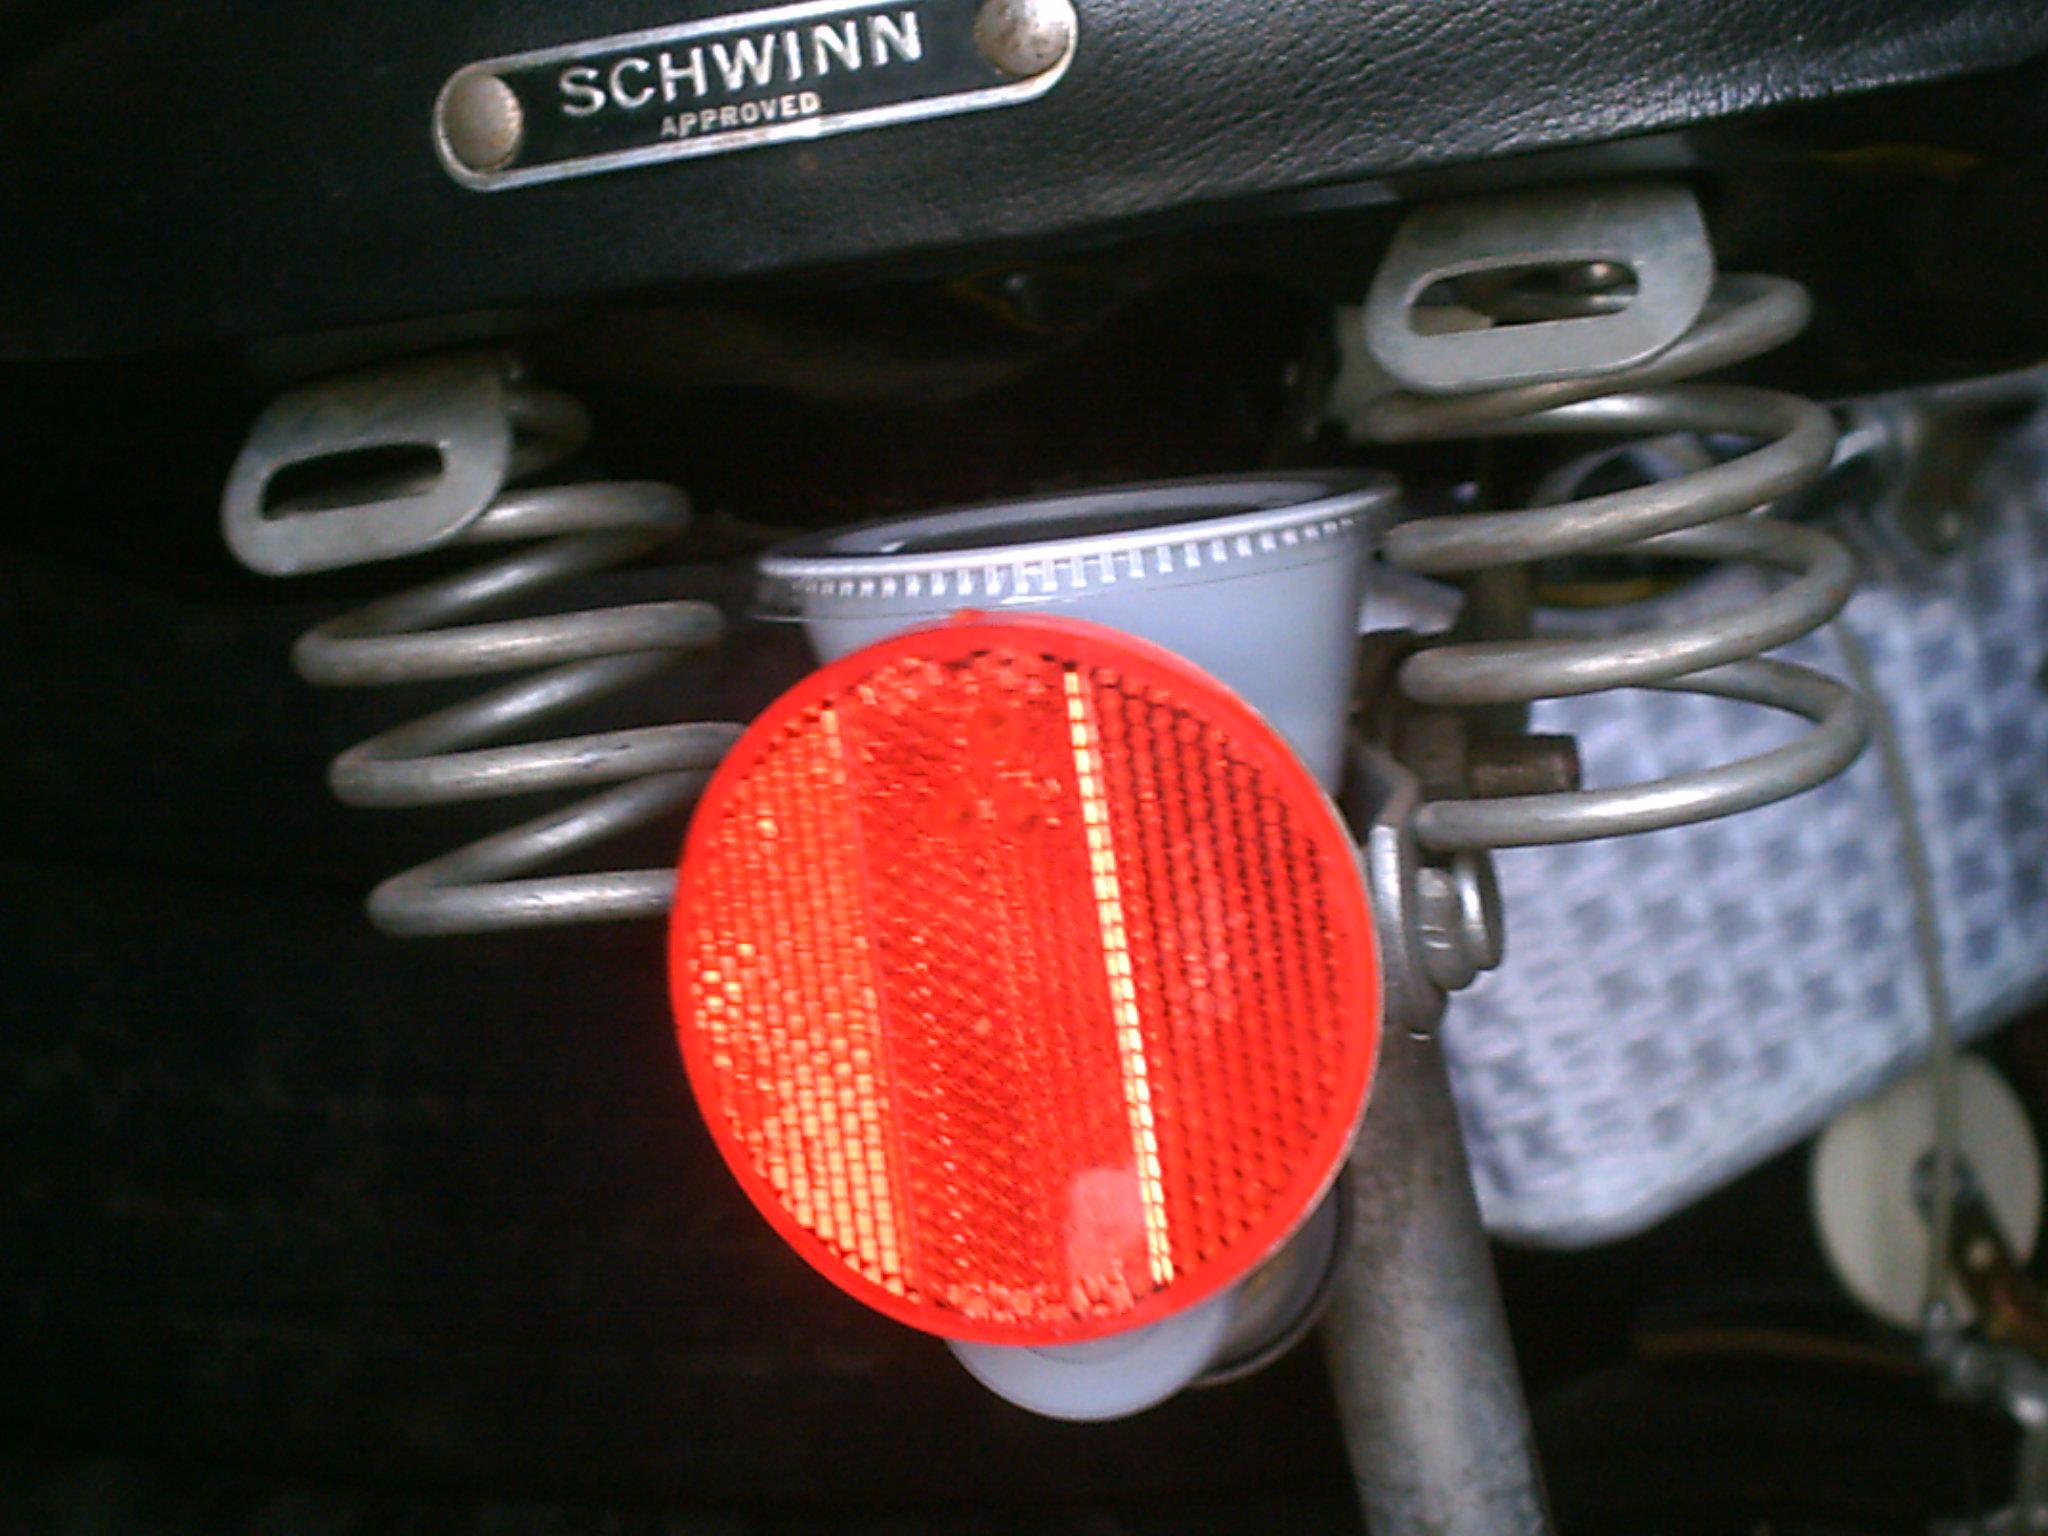 The Smart, Stealth LED Blinkenlight